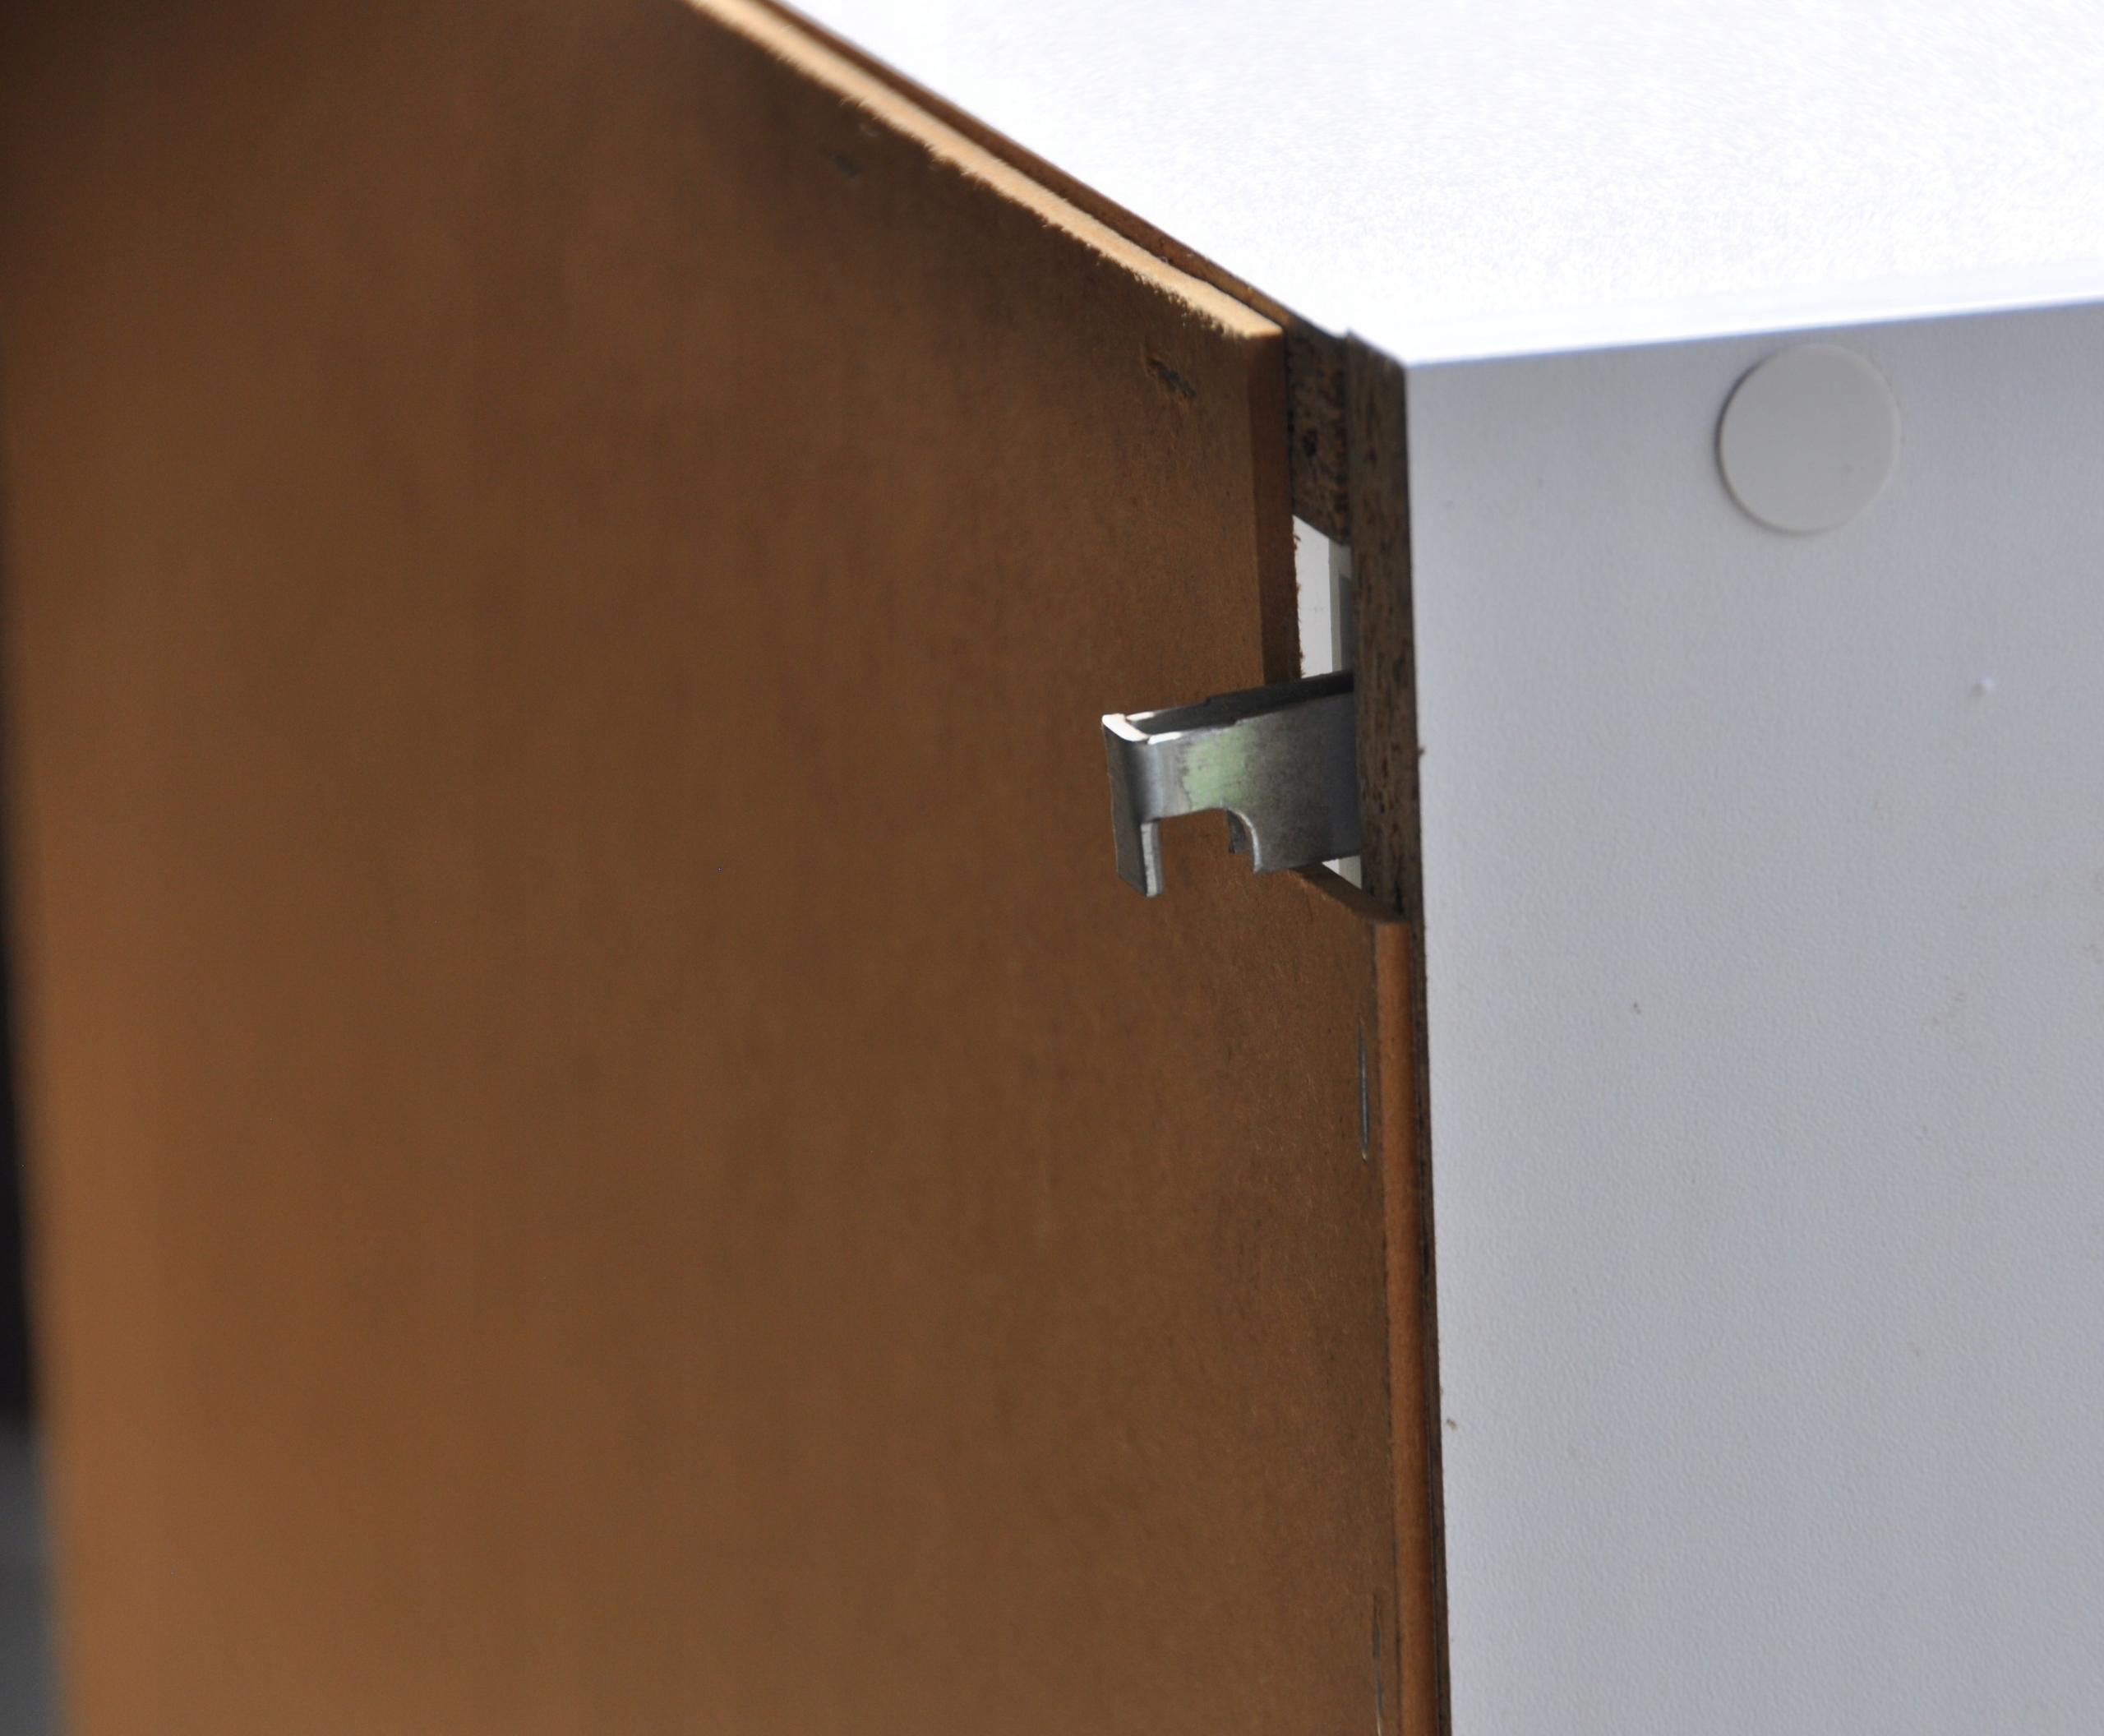 Szafka łazienkowa wisząca klapa połysk 80 Szerokość mebla 80 cm